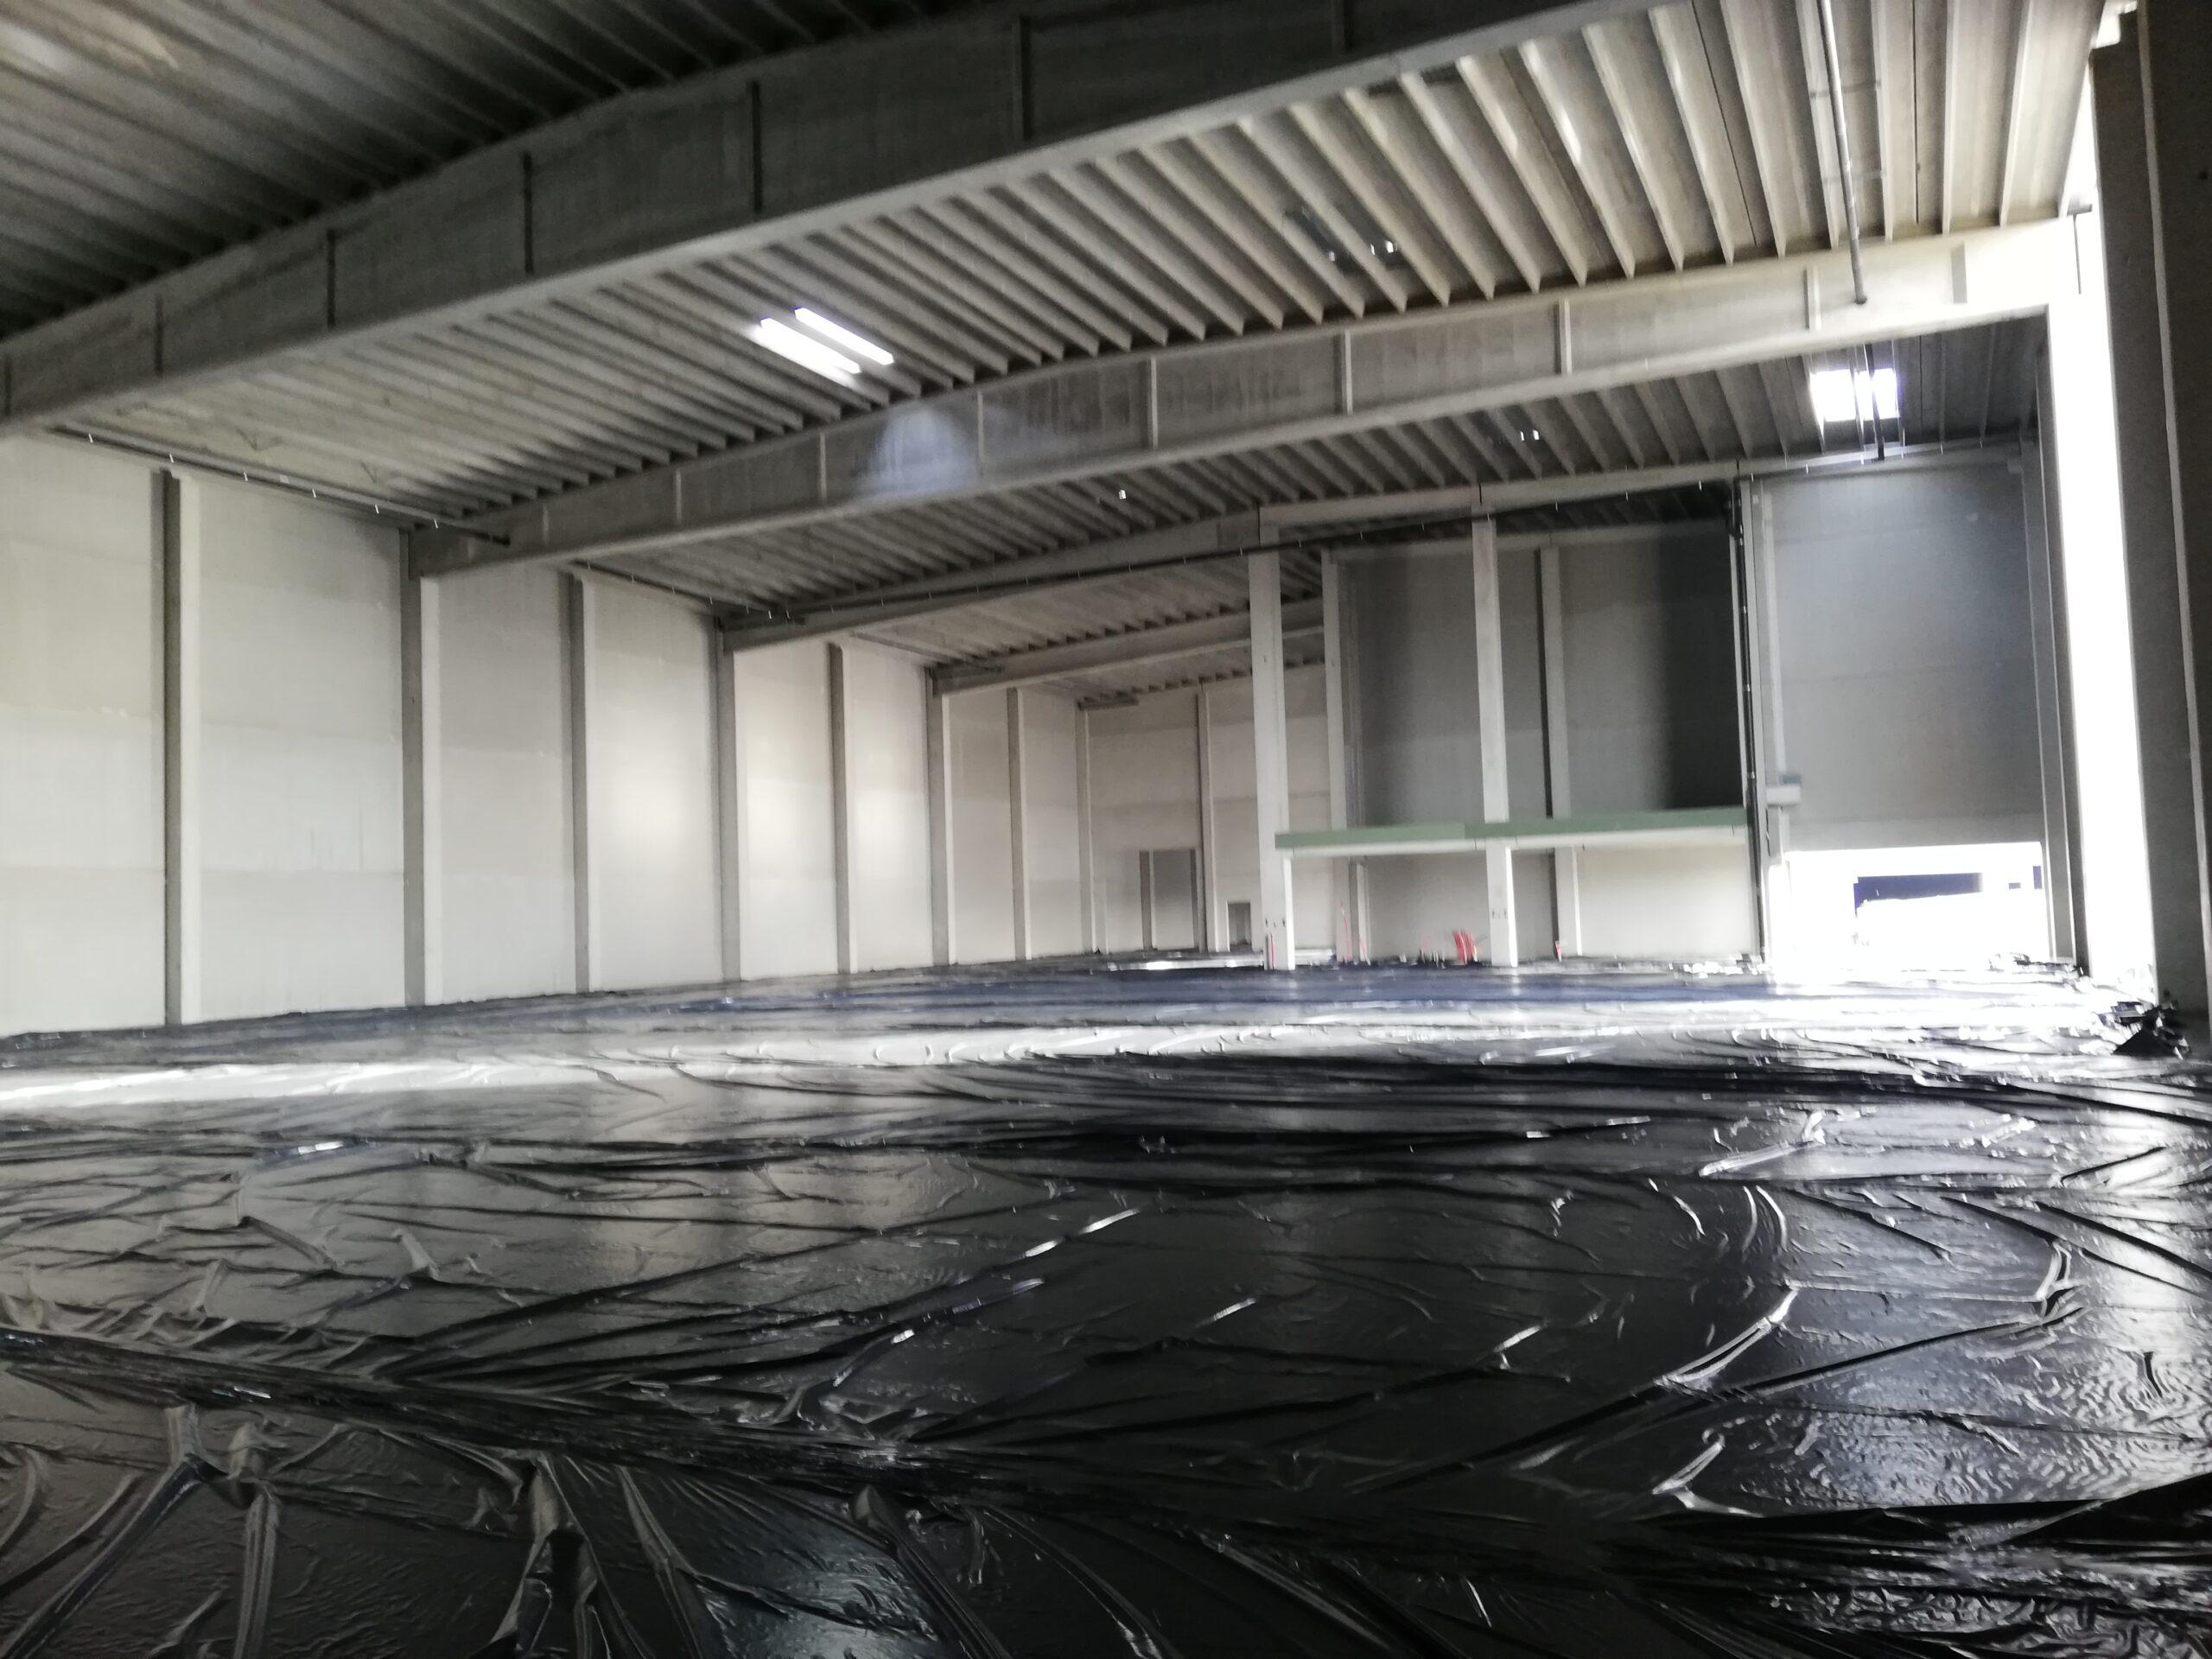 betonvloer in magazijnen module 1 gegoten